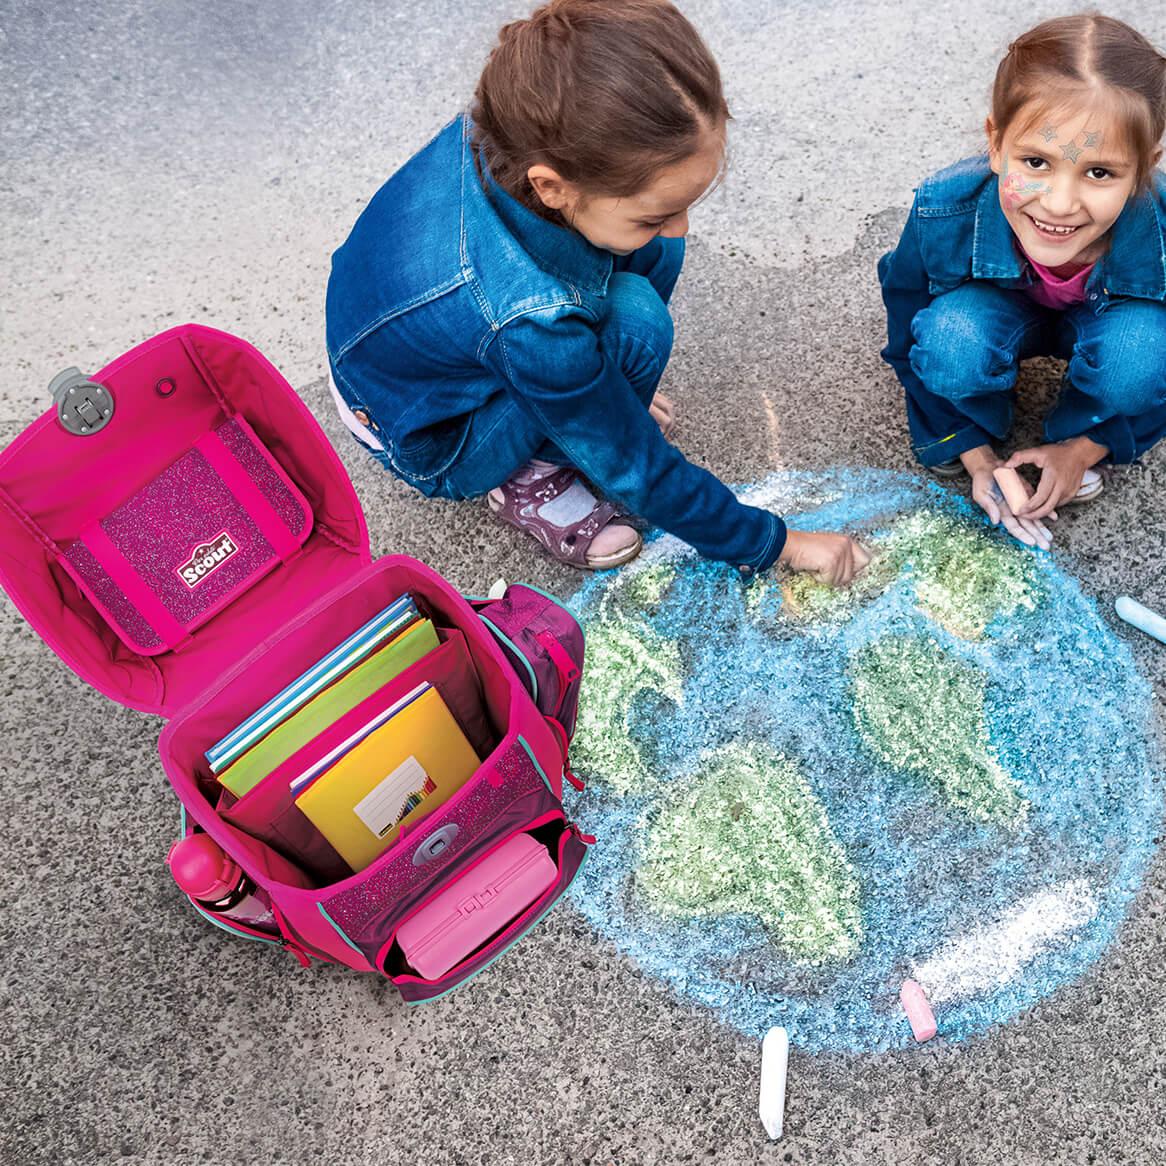 Schulstart für Ihr Kind - mit dem perfekten Rucksack